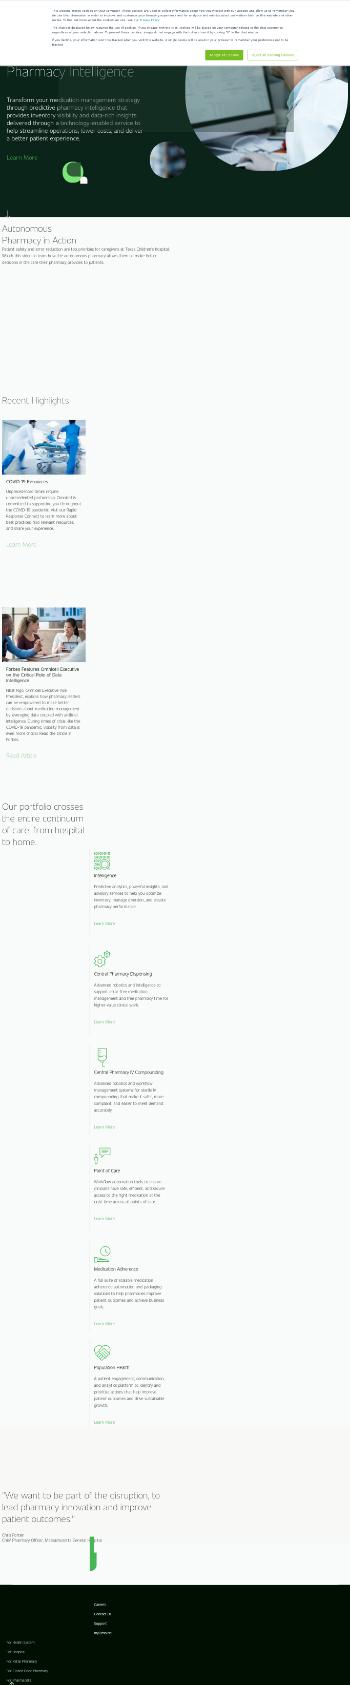 Omnicell, Inc. Website Screenshot